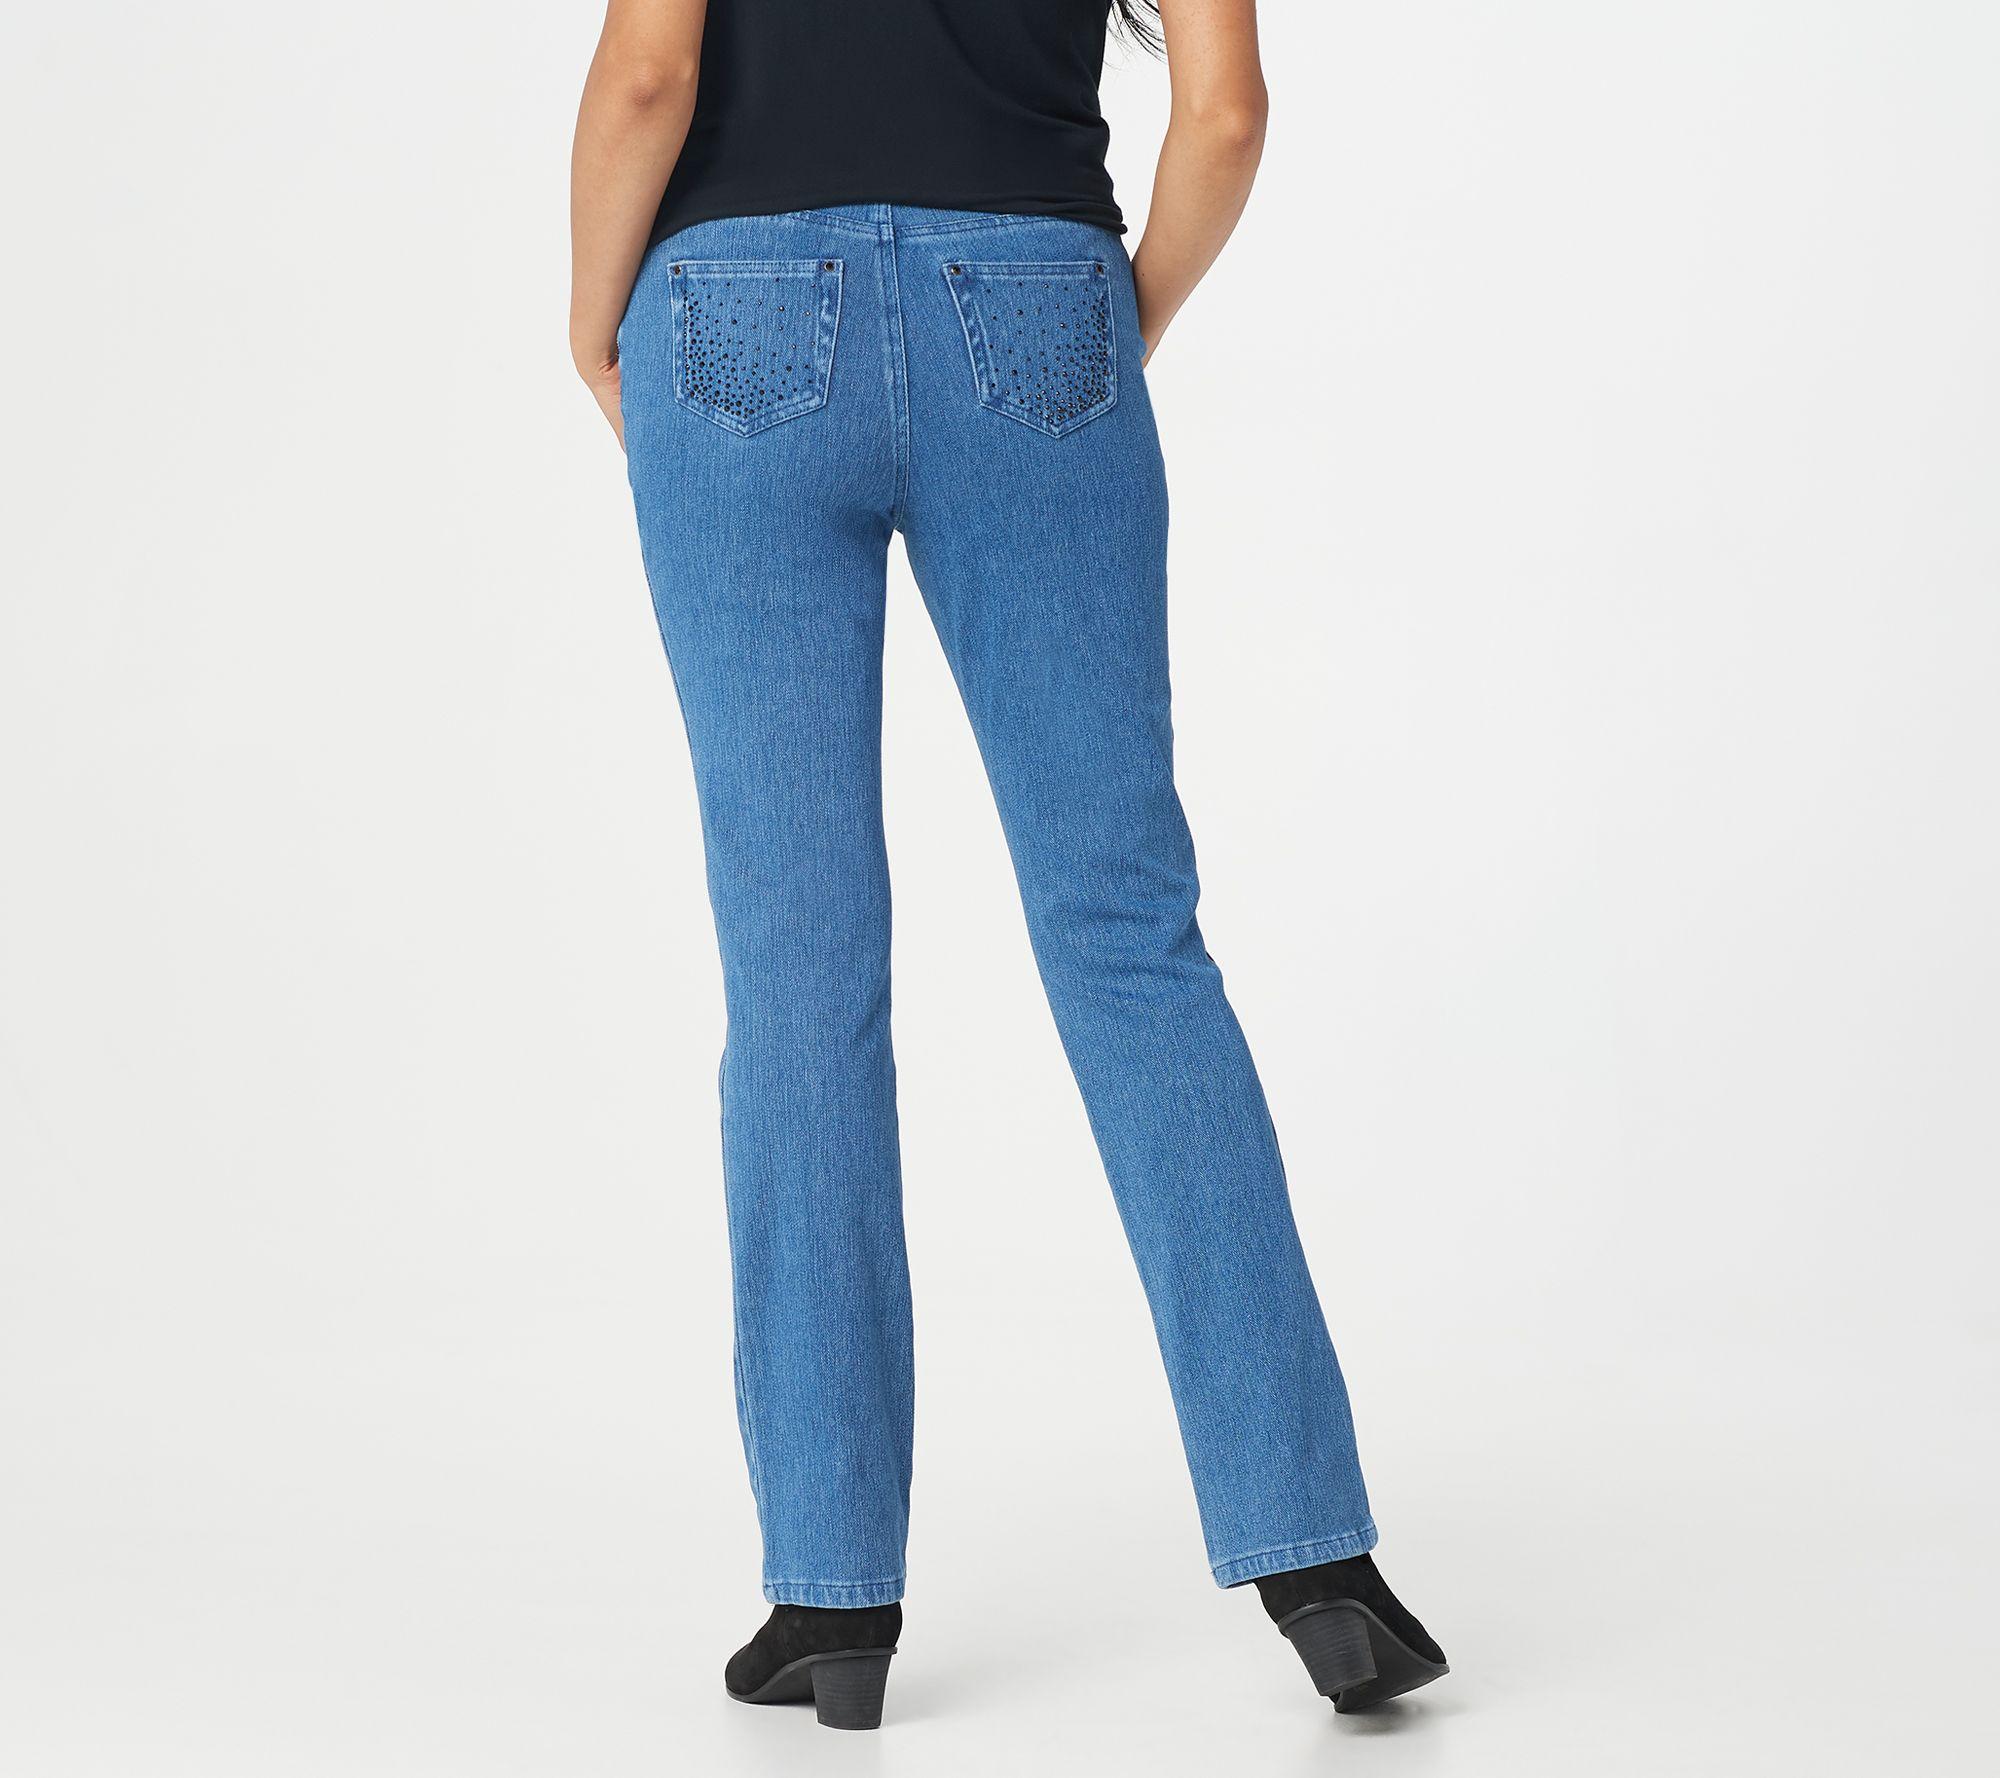 Belle From Kim Gravel Flexibelle Pull On Crop Jeans 18p Pants